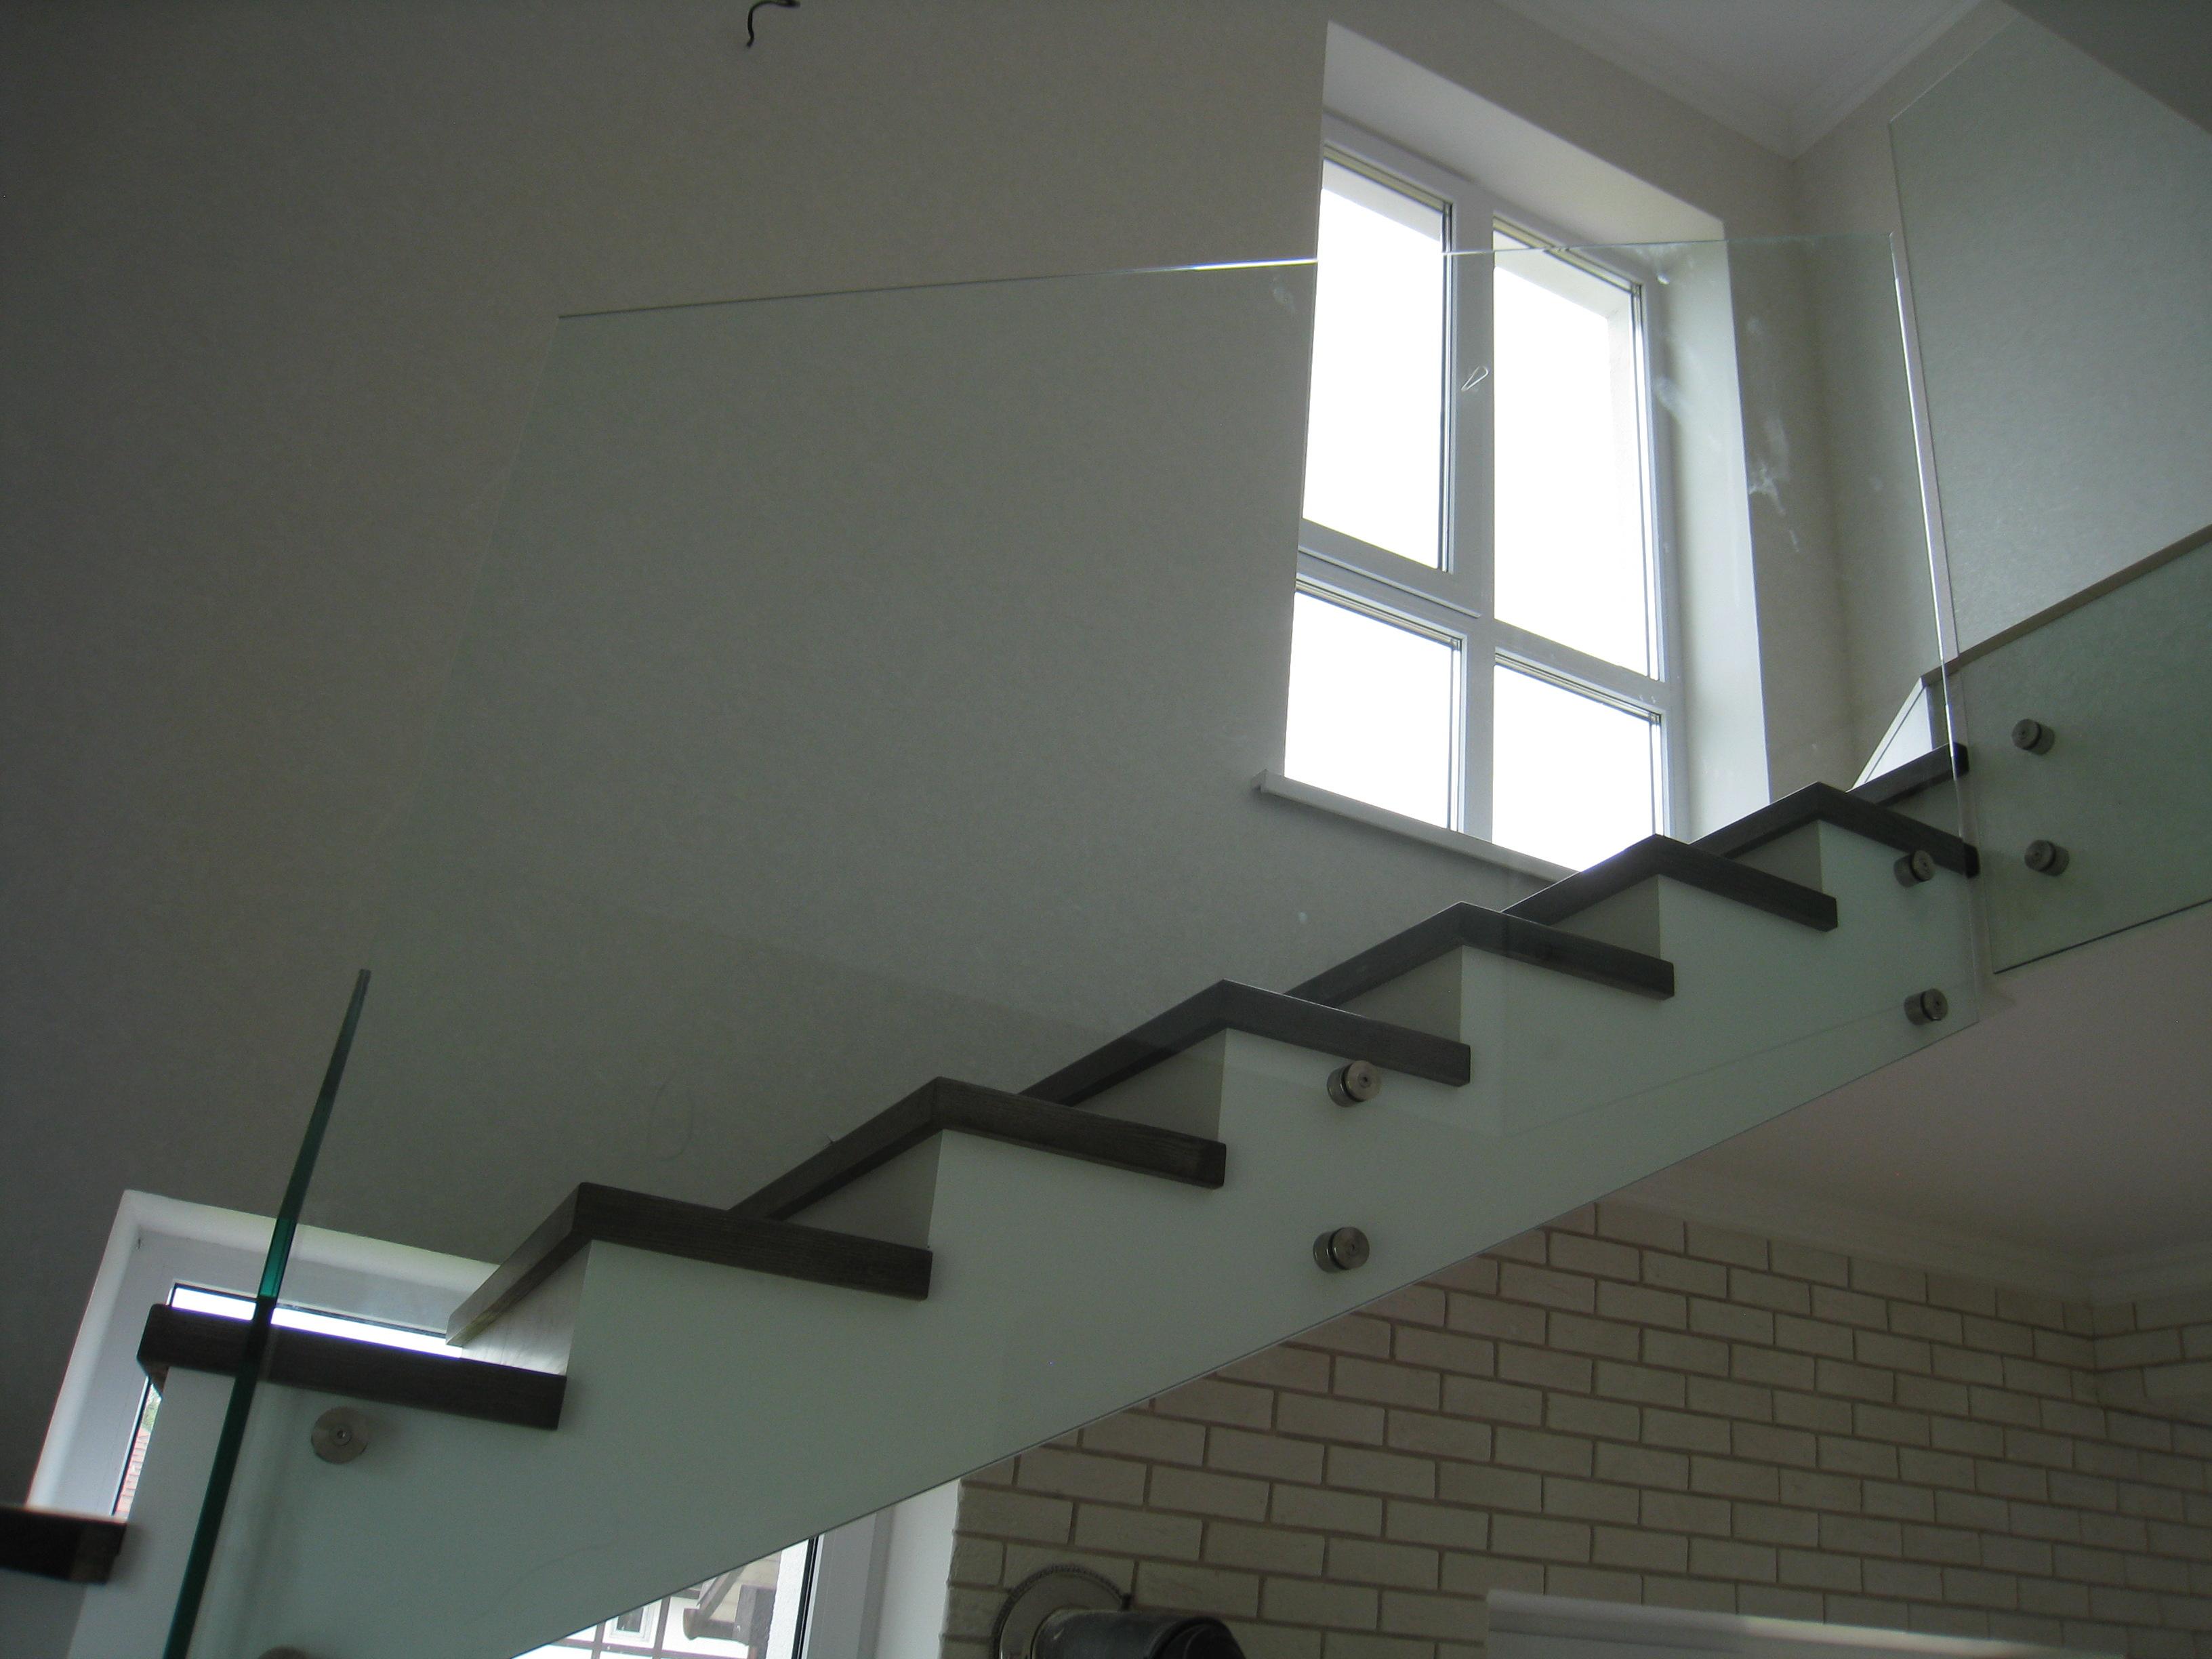 Перила из стекла с боковым креплением для лестницы